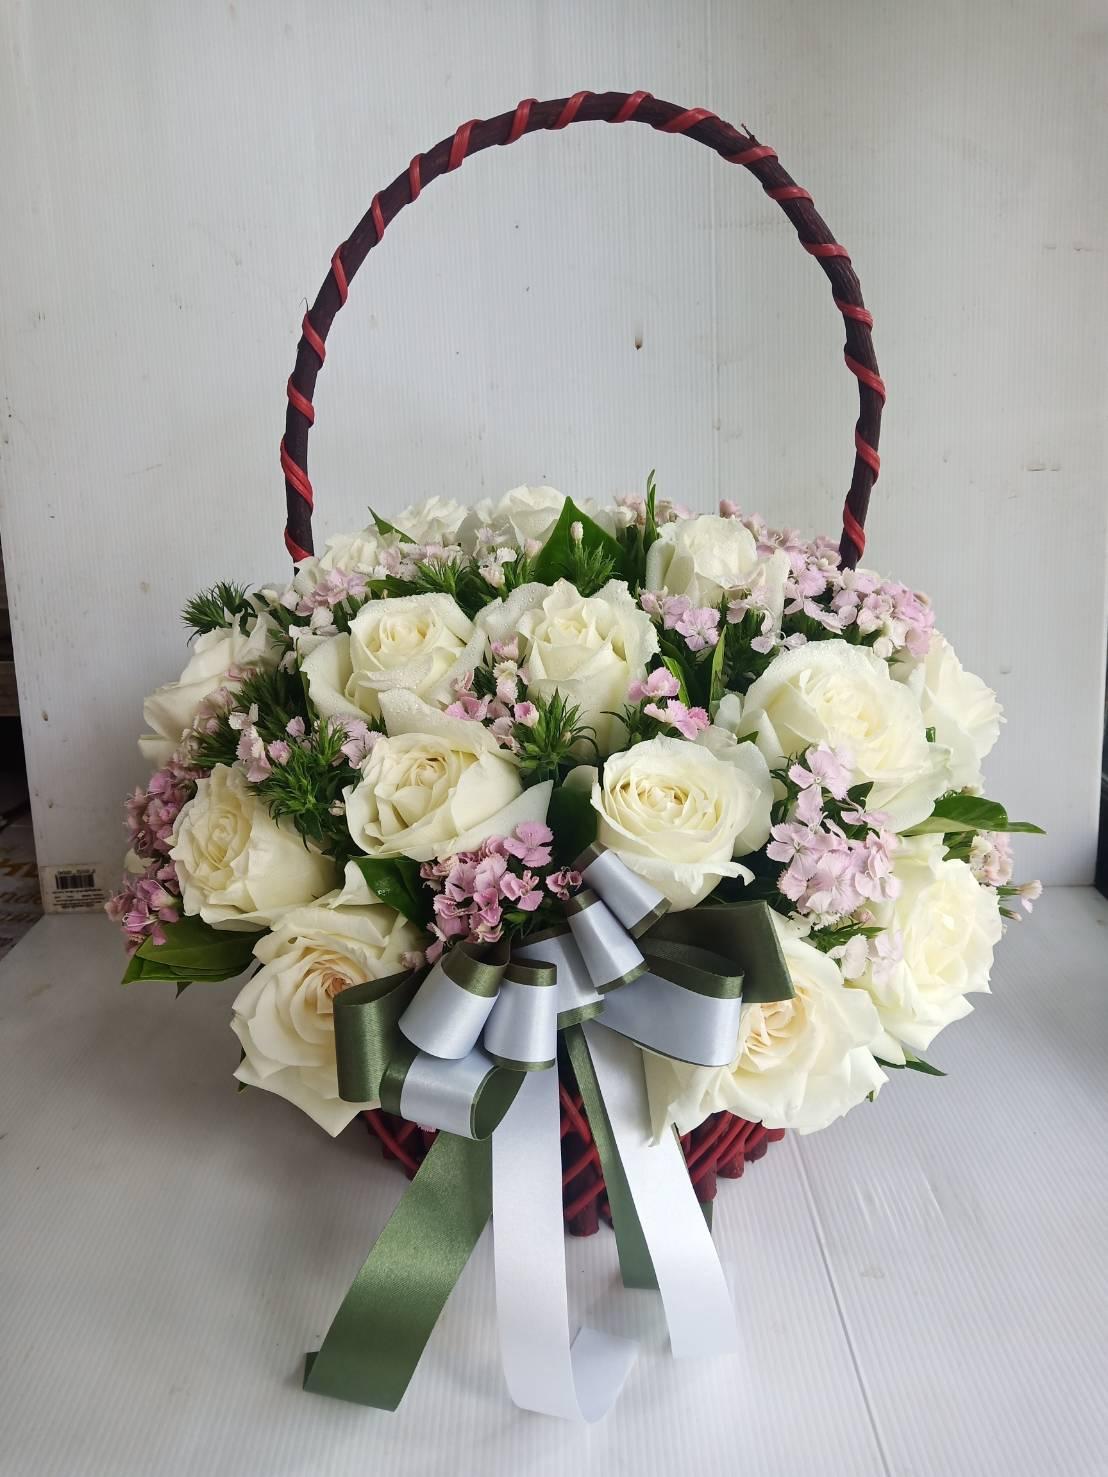 กระเช้าดอกไม้สีขาว แซมด้วยผีเสื้อ มอบให้ใคร ย่อมรู้สึกดีทั้งนั้น